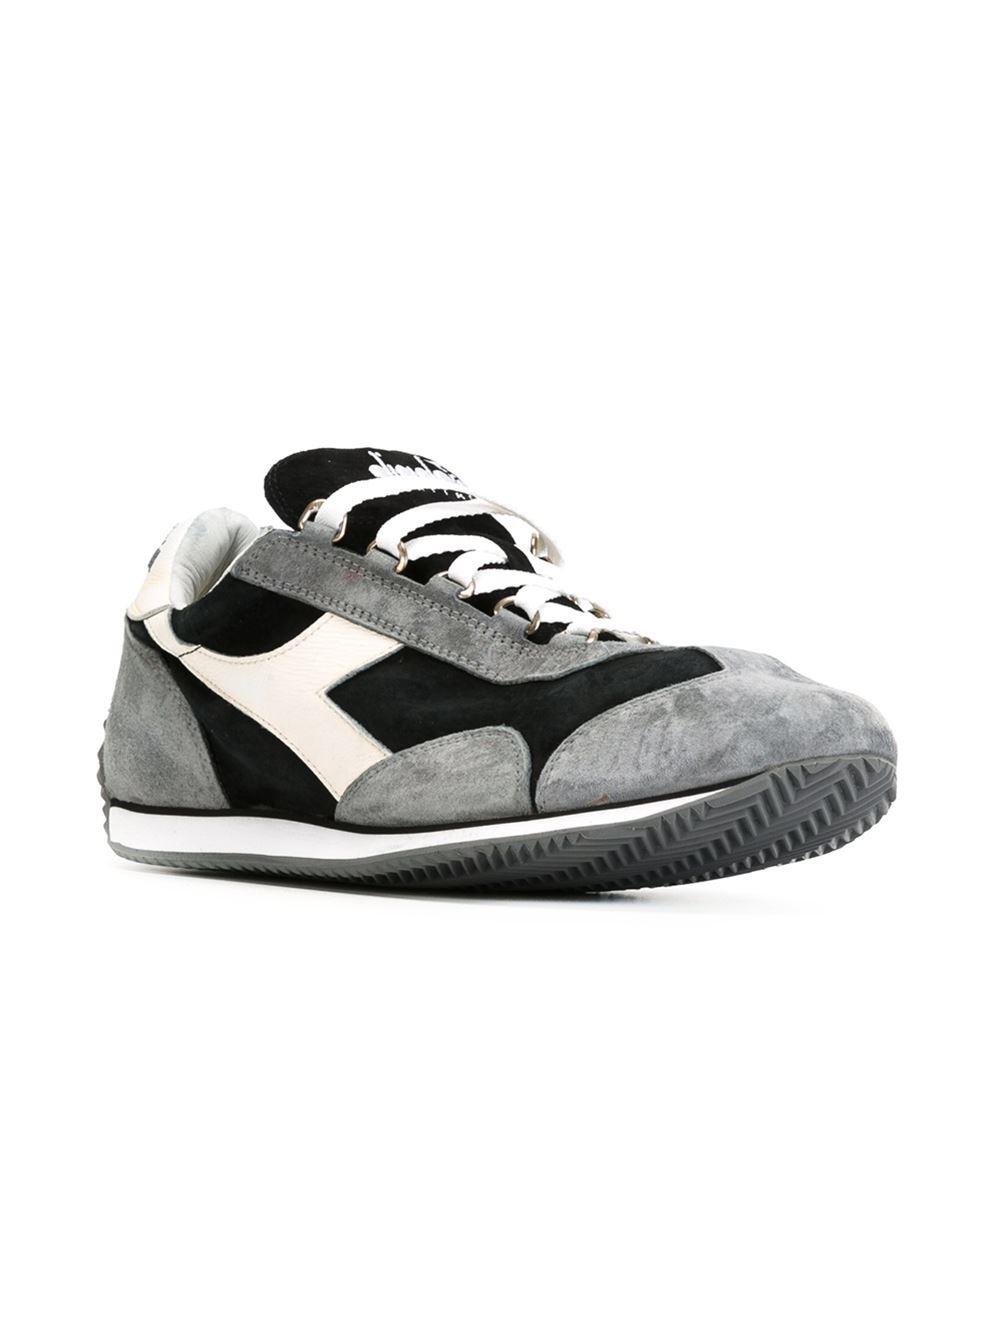 diadora sneakers - photo #39